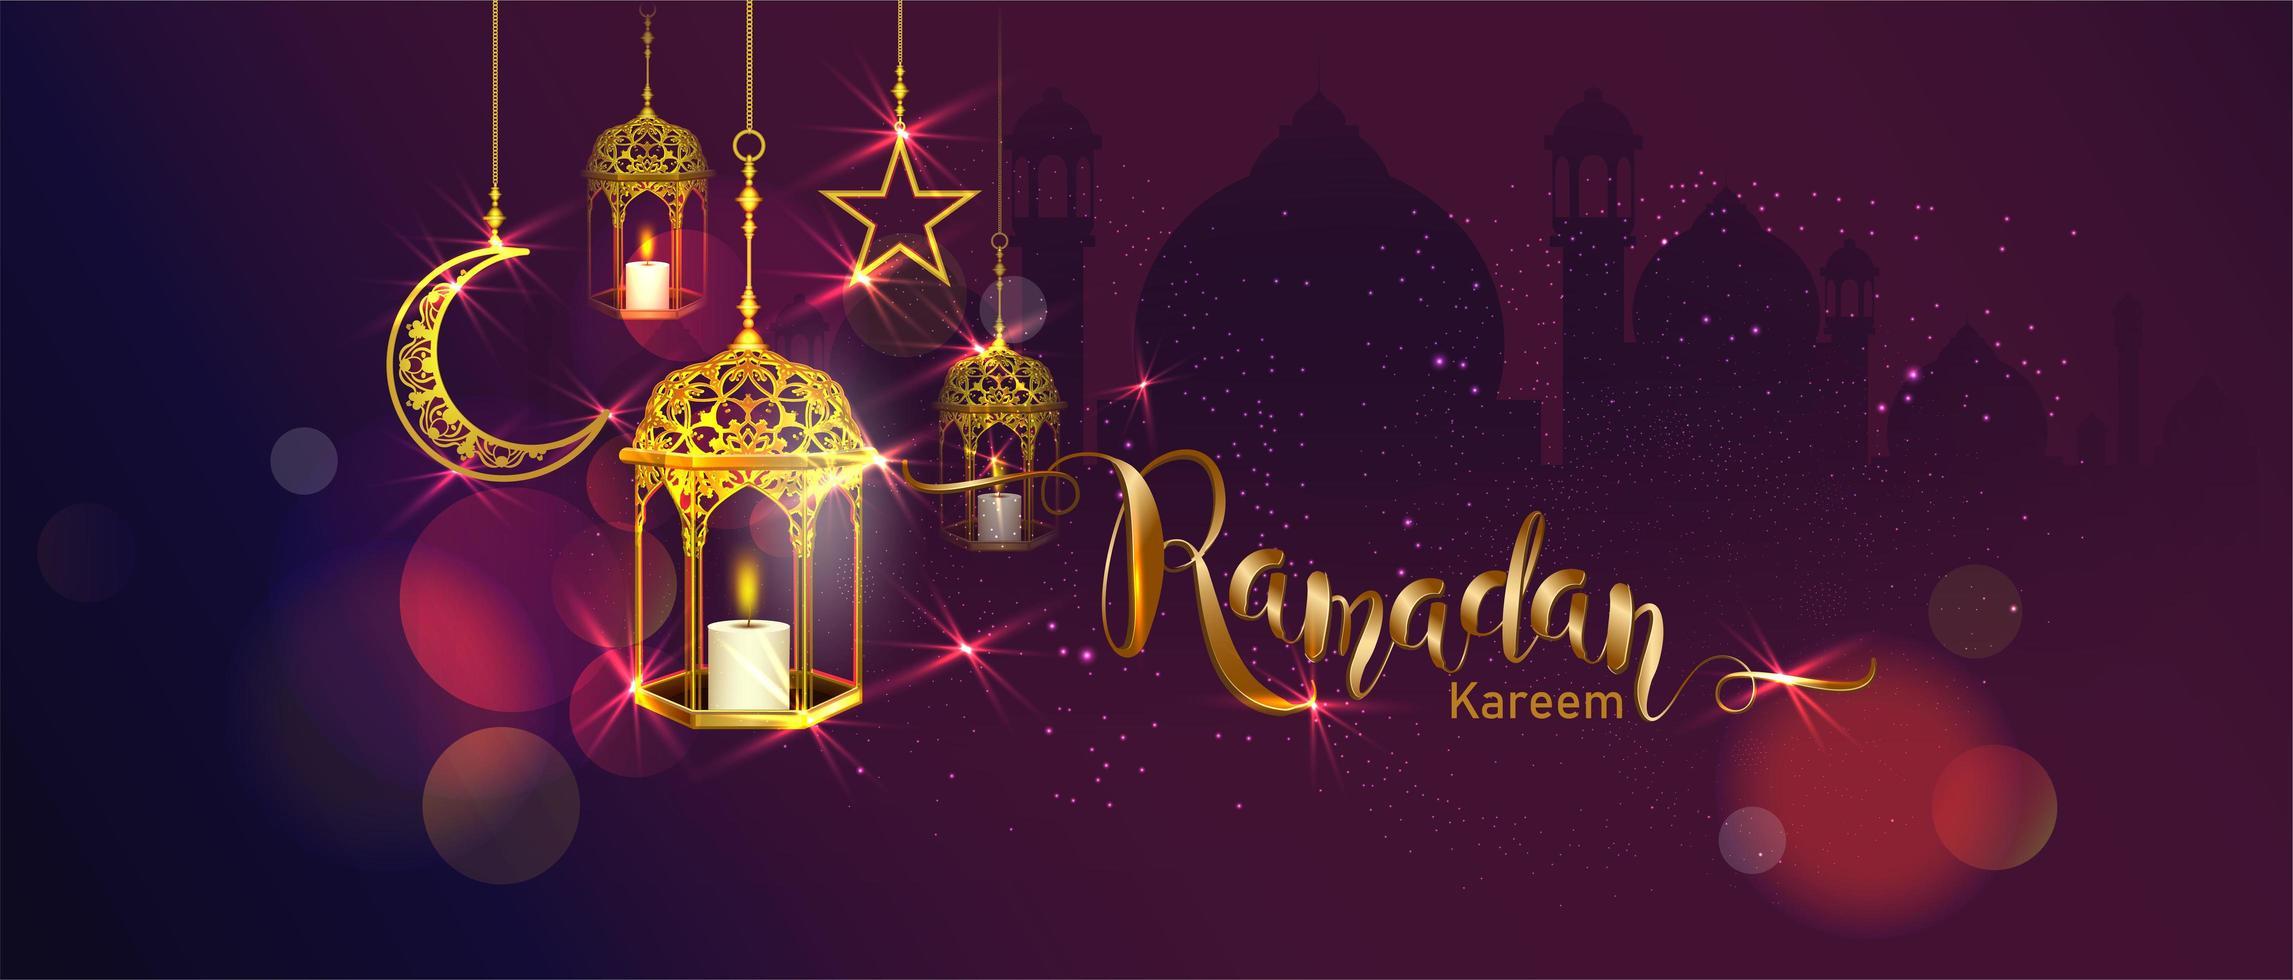 Ramadan Kareem Banner mit hängenden Laternen, Mond und Stern vektor